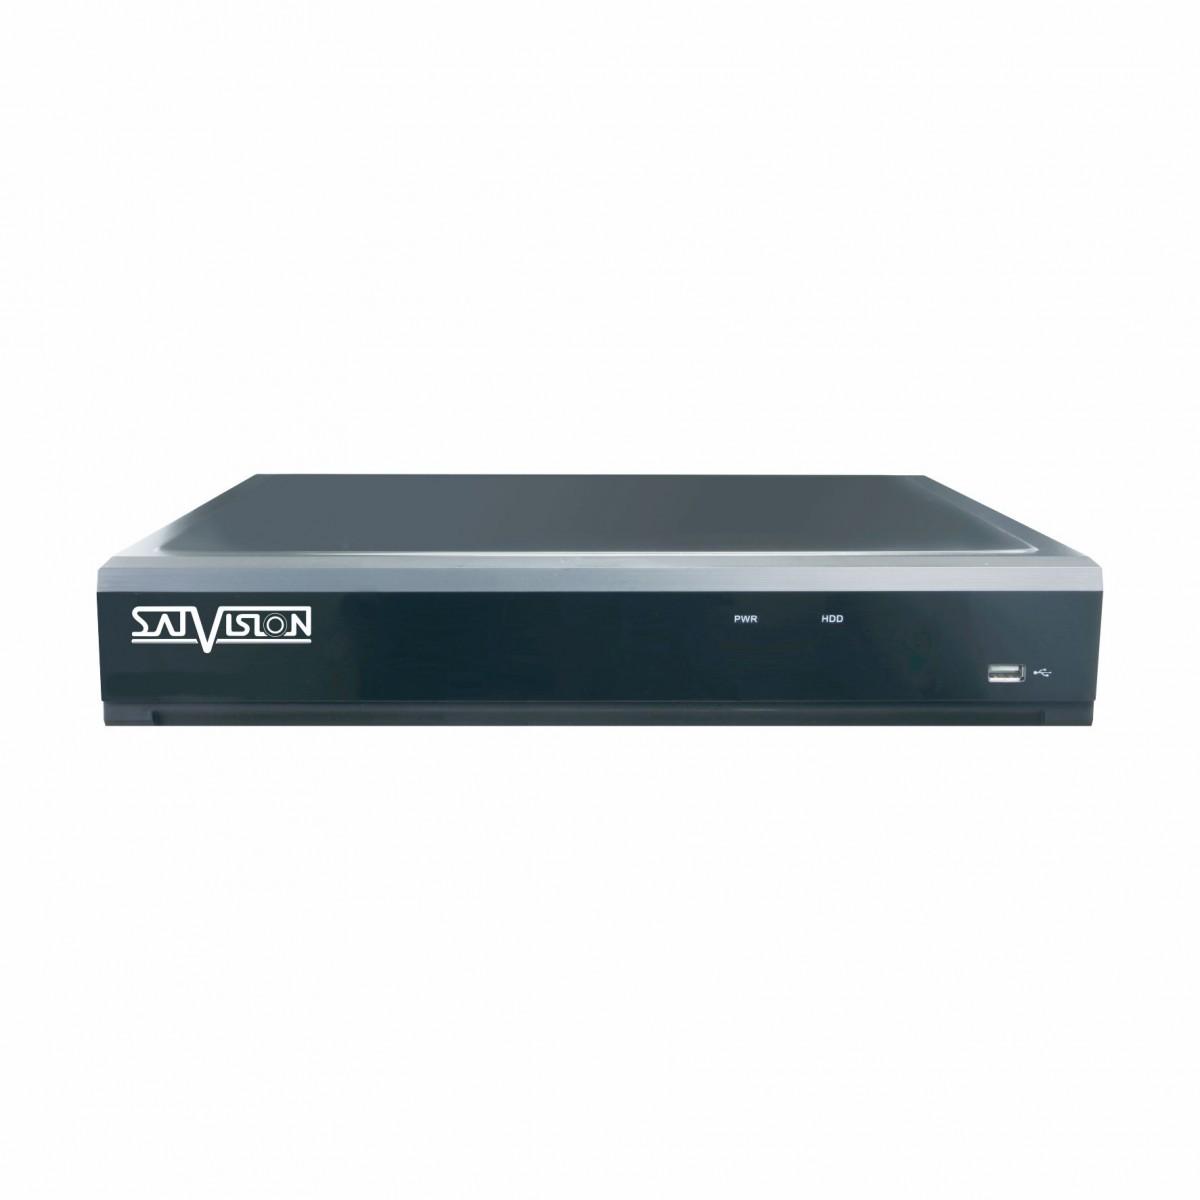 Комплект 2-х уличных IP камер с видеорегистратором - SVI-S123SD